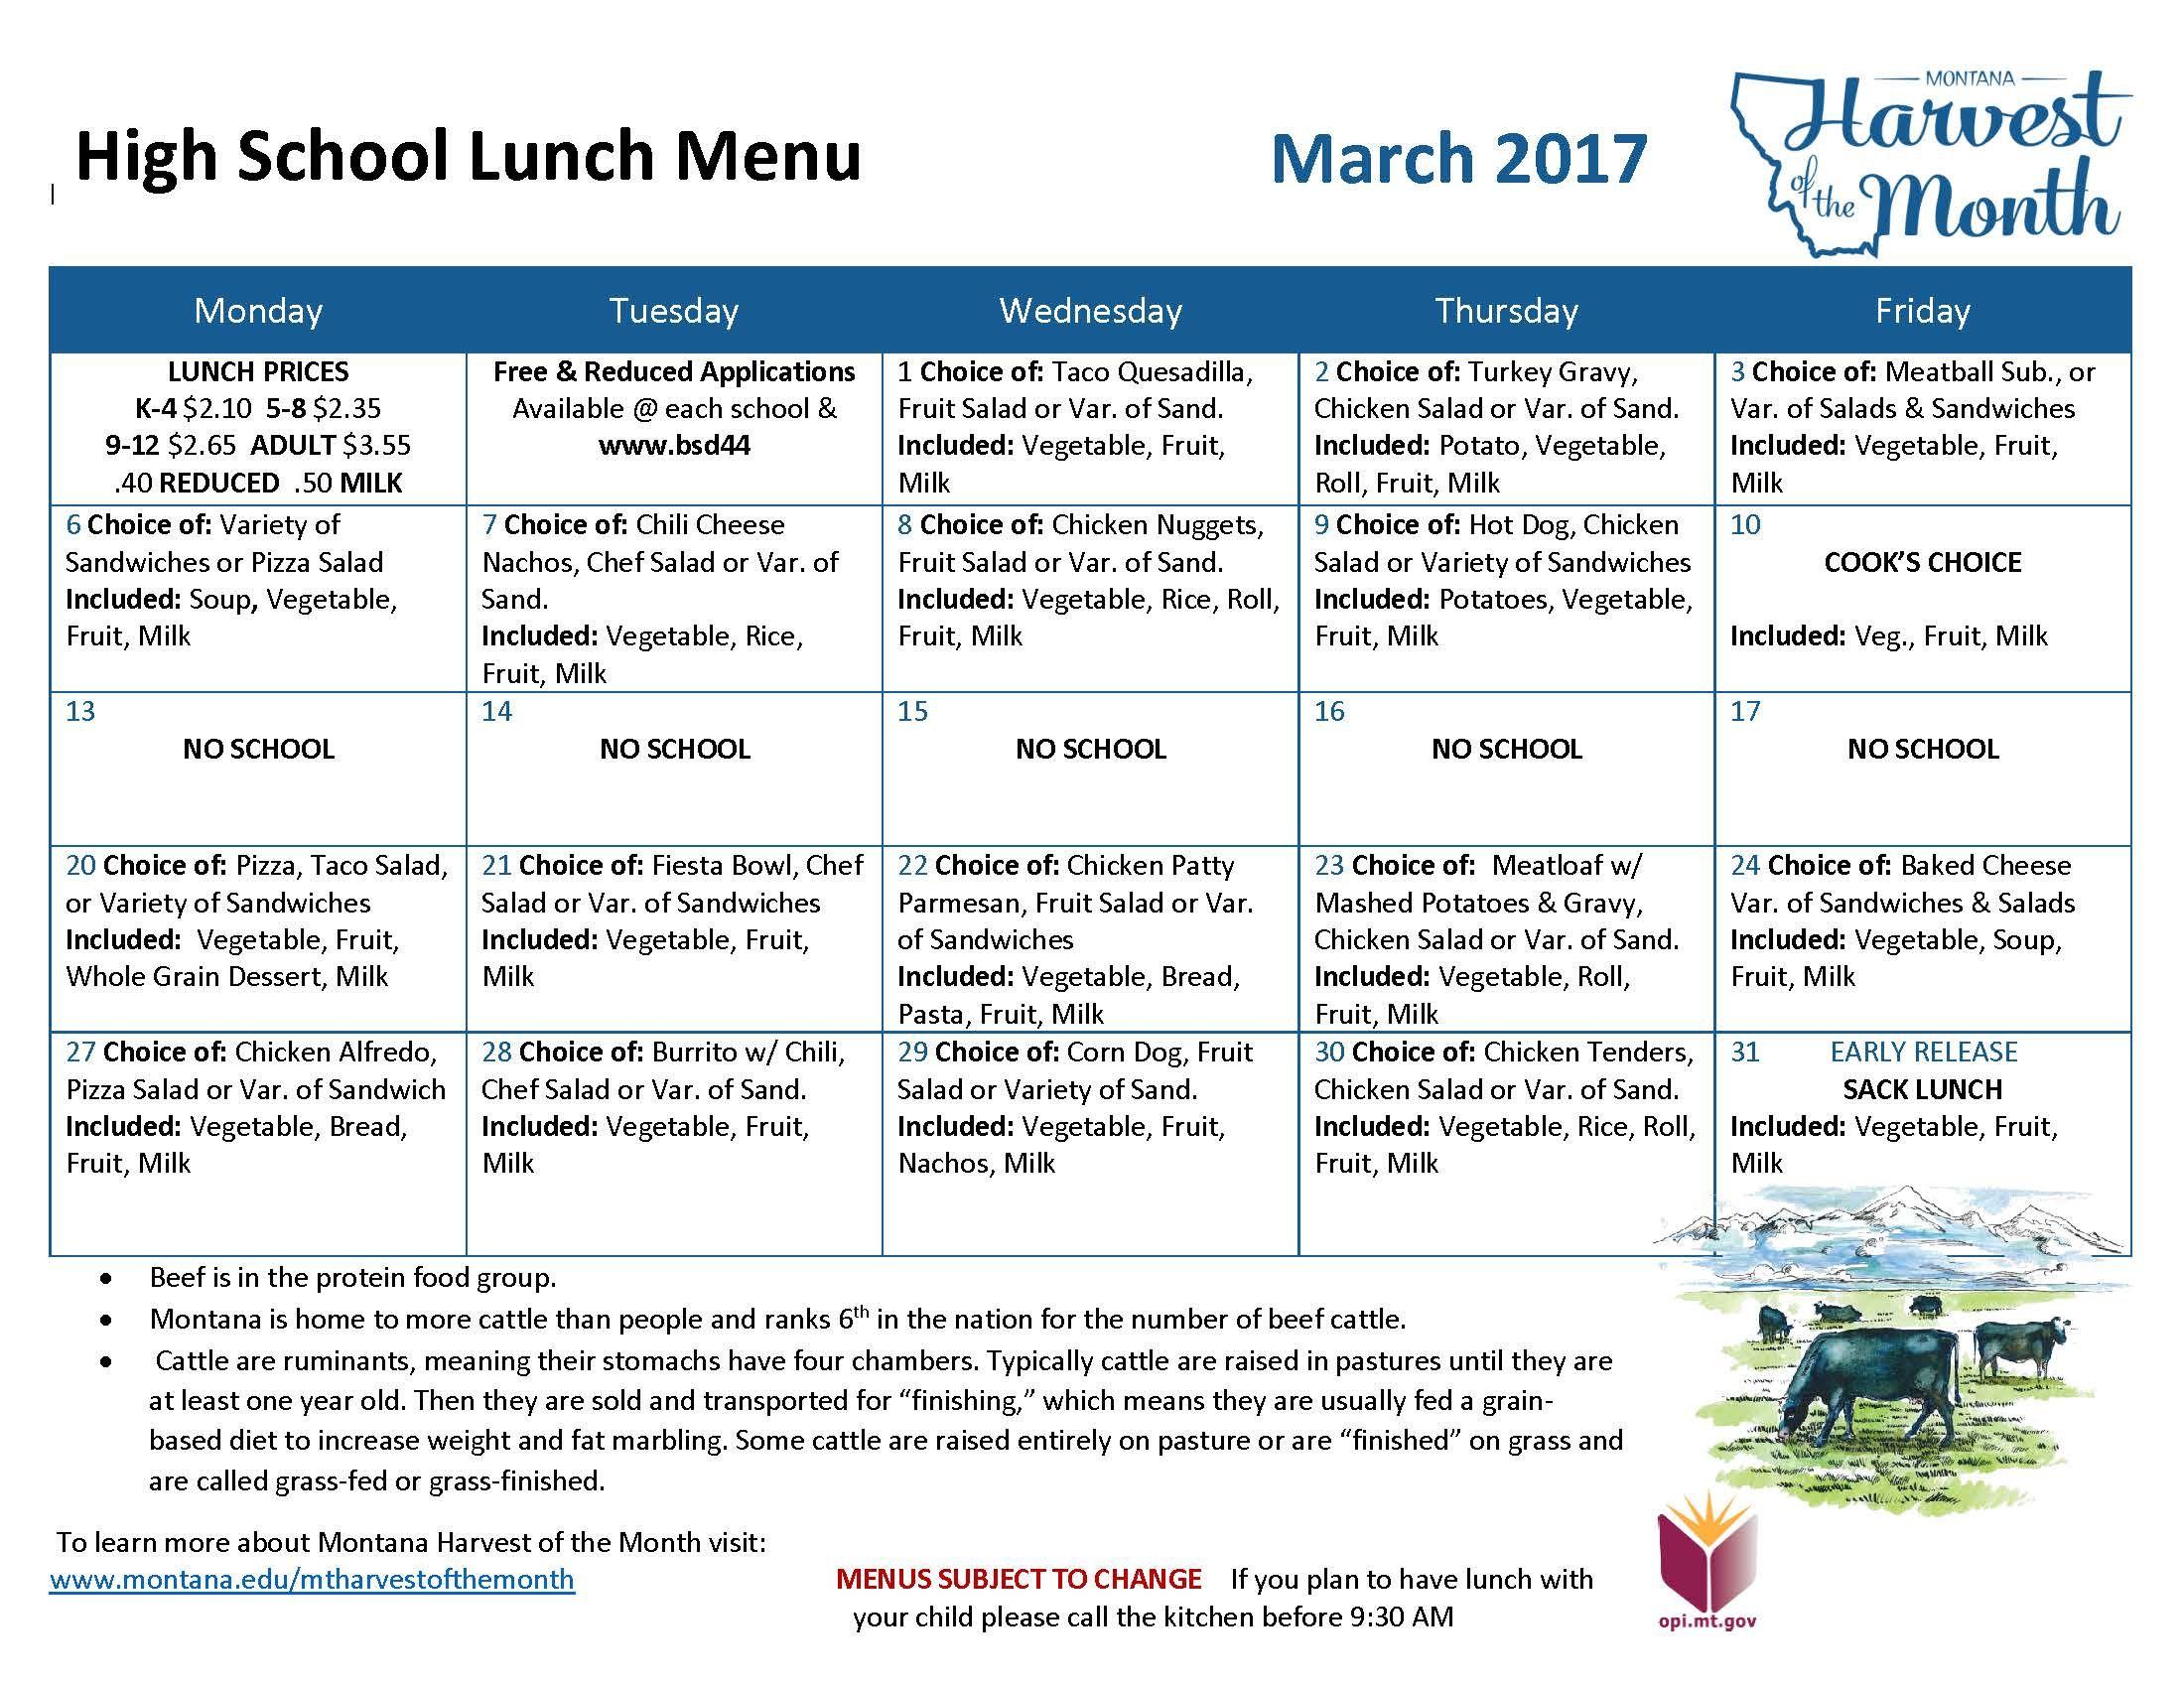 March 2017 High School Lunch Menu HOM | Lunch & Breakfast Menus ...